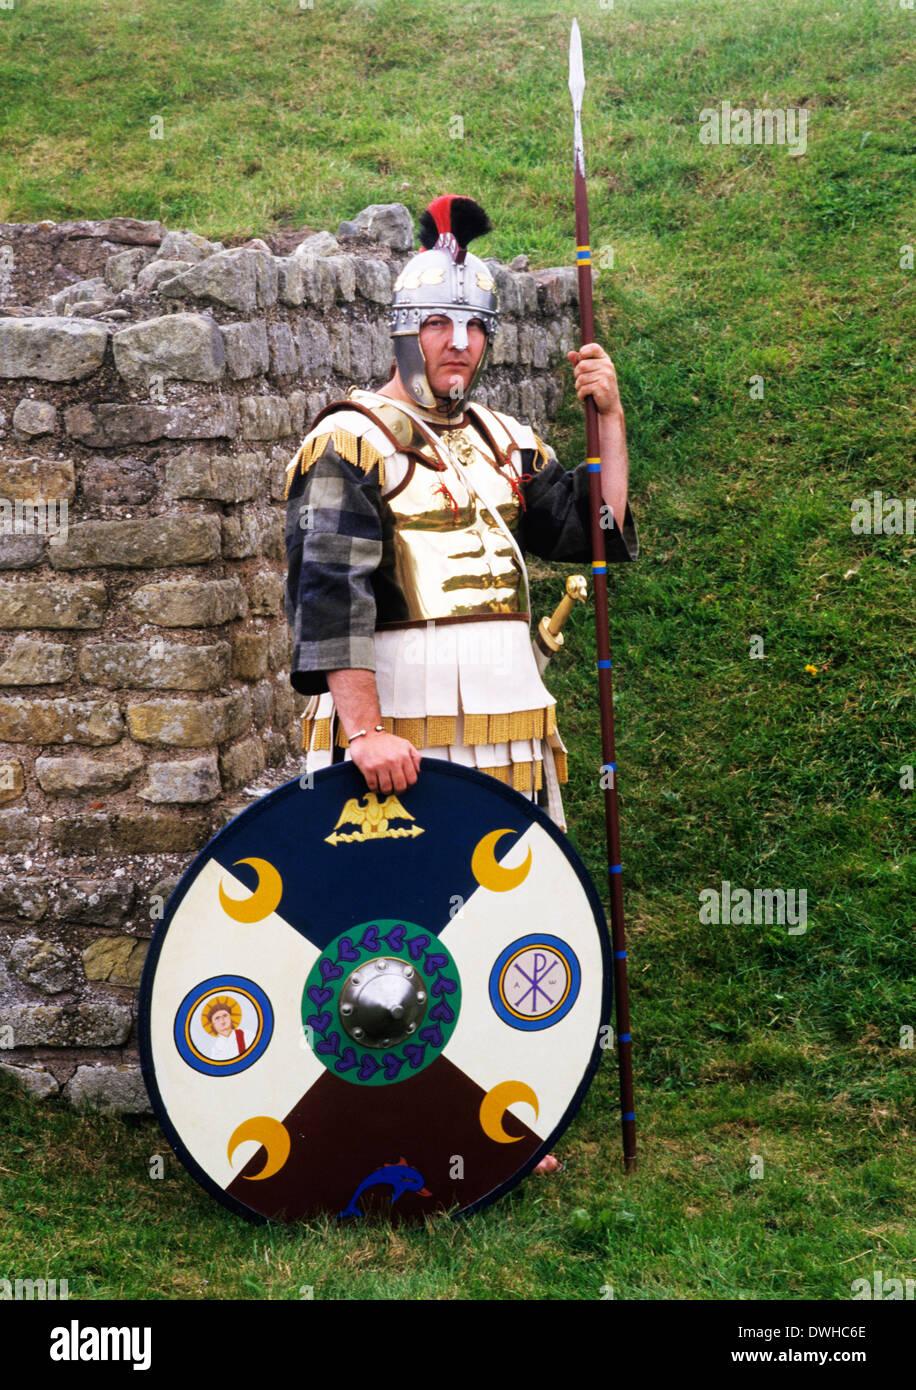 Romano-britischen Krieger, 5. Jahrhundert, Typenschilder, Roman Army Reenactment Soldat Soldaten zusätzliche Rüstung Waffen England UK Stockbild